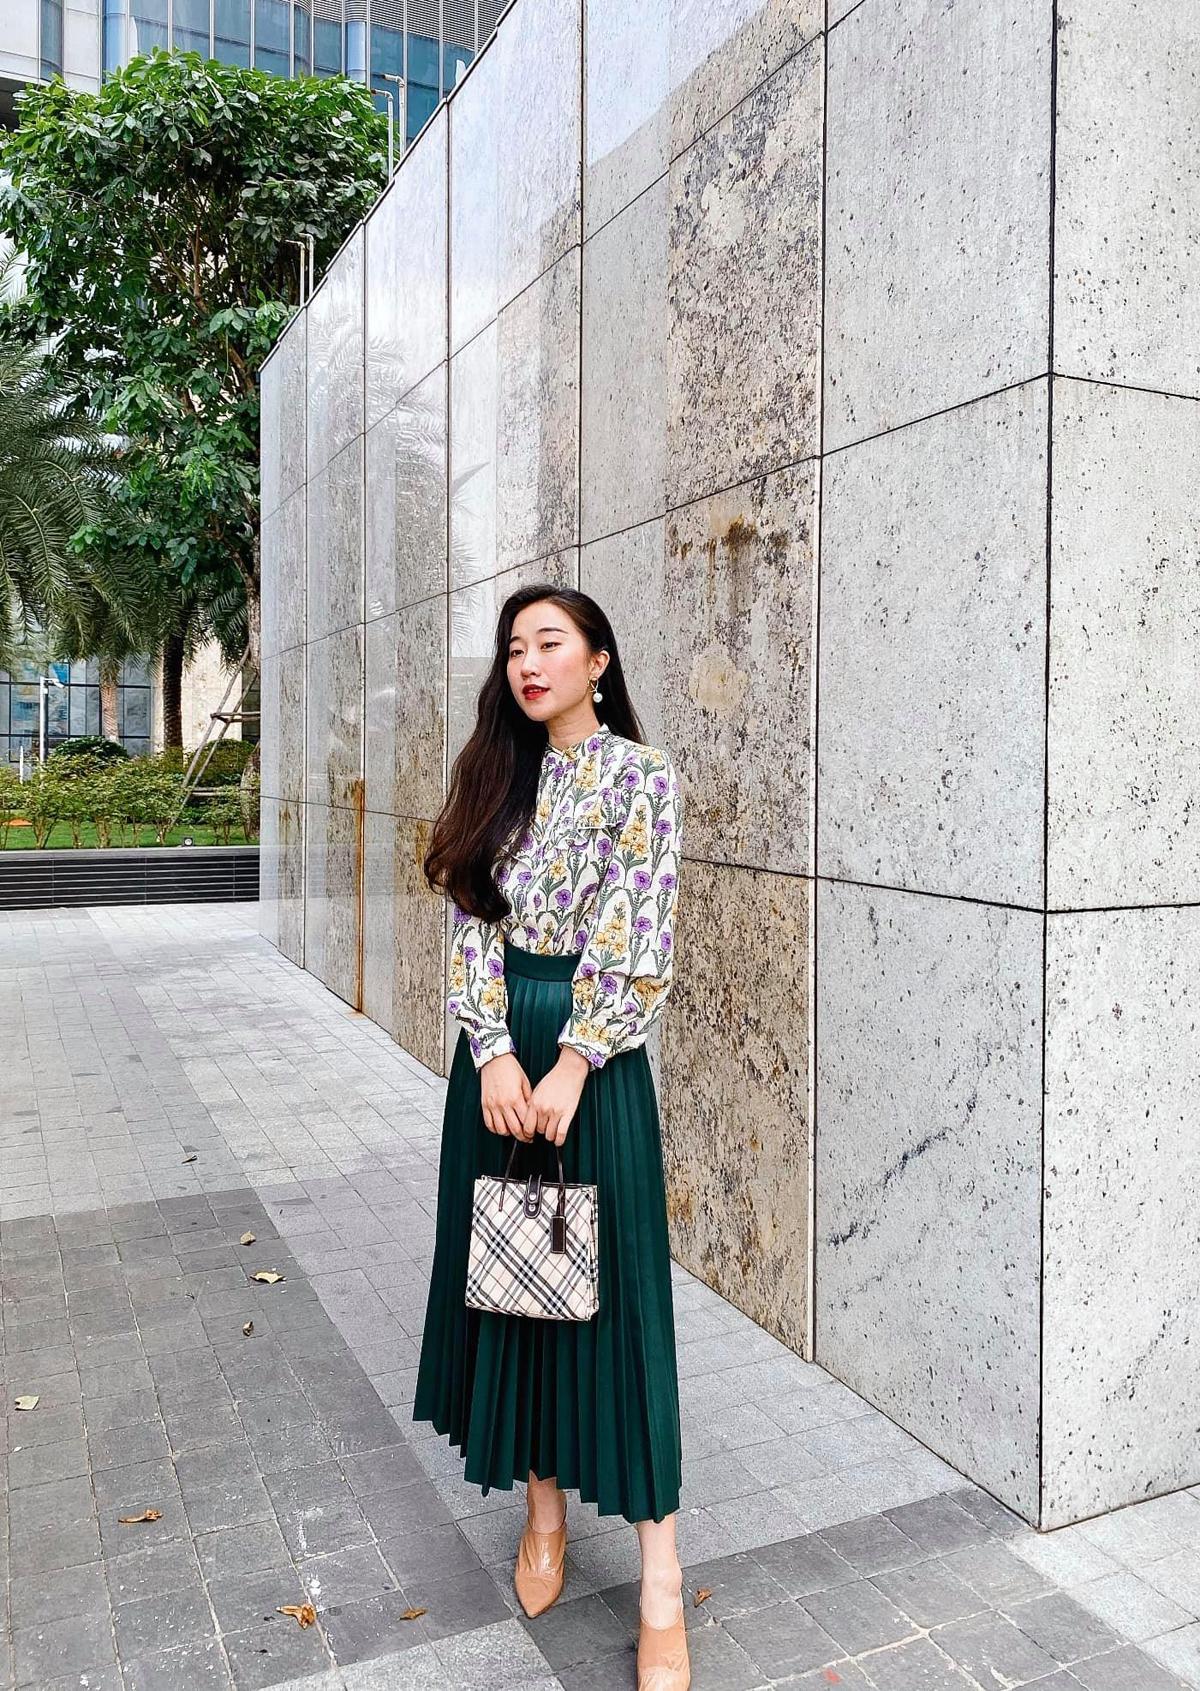 Nổi tiếng trong giới travel blogger và làmột designer có tiếng, Đặng Thùy Dương được các bạn trẻ yêu mến bởi phong cách thời trang bánh bèo nhưng vẫn cực cool. Chiếc váy chữ A họatiết hoađược người đẹp kết hợp khéo léo cùng đầm xếp ly xanh lá. Màu sắc hài hoà, một thiết kế trơn vàmột thiết kế họatiết bổ trợ cho nhau giúp cáccô nàng không chỉ hack tuổi mà còn nâng thêm chiều cao.